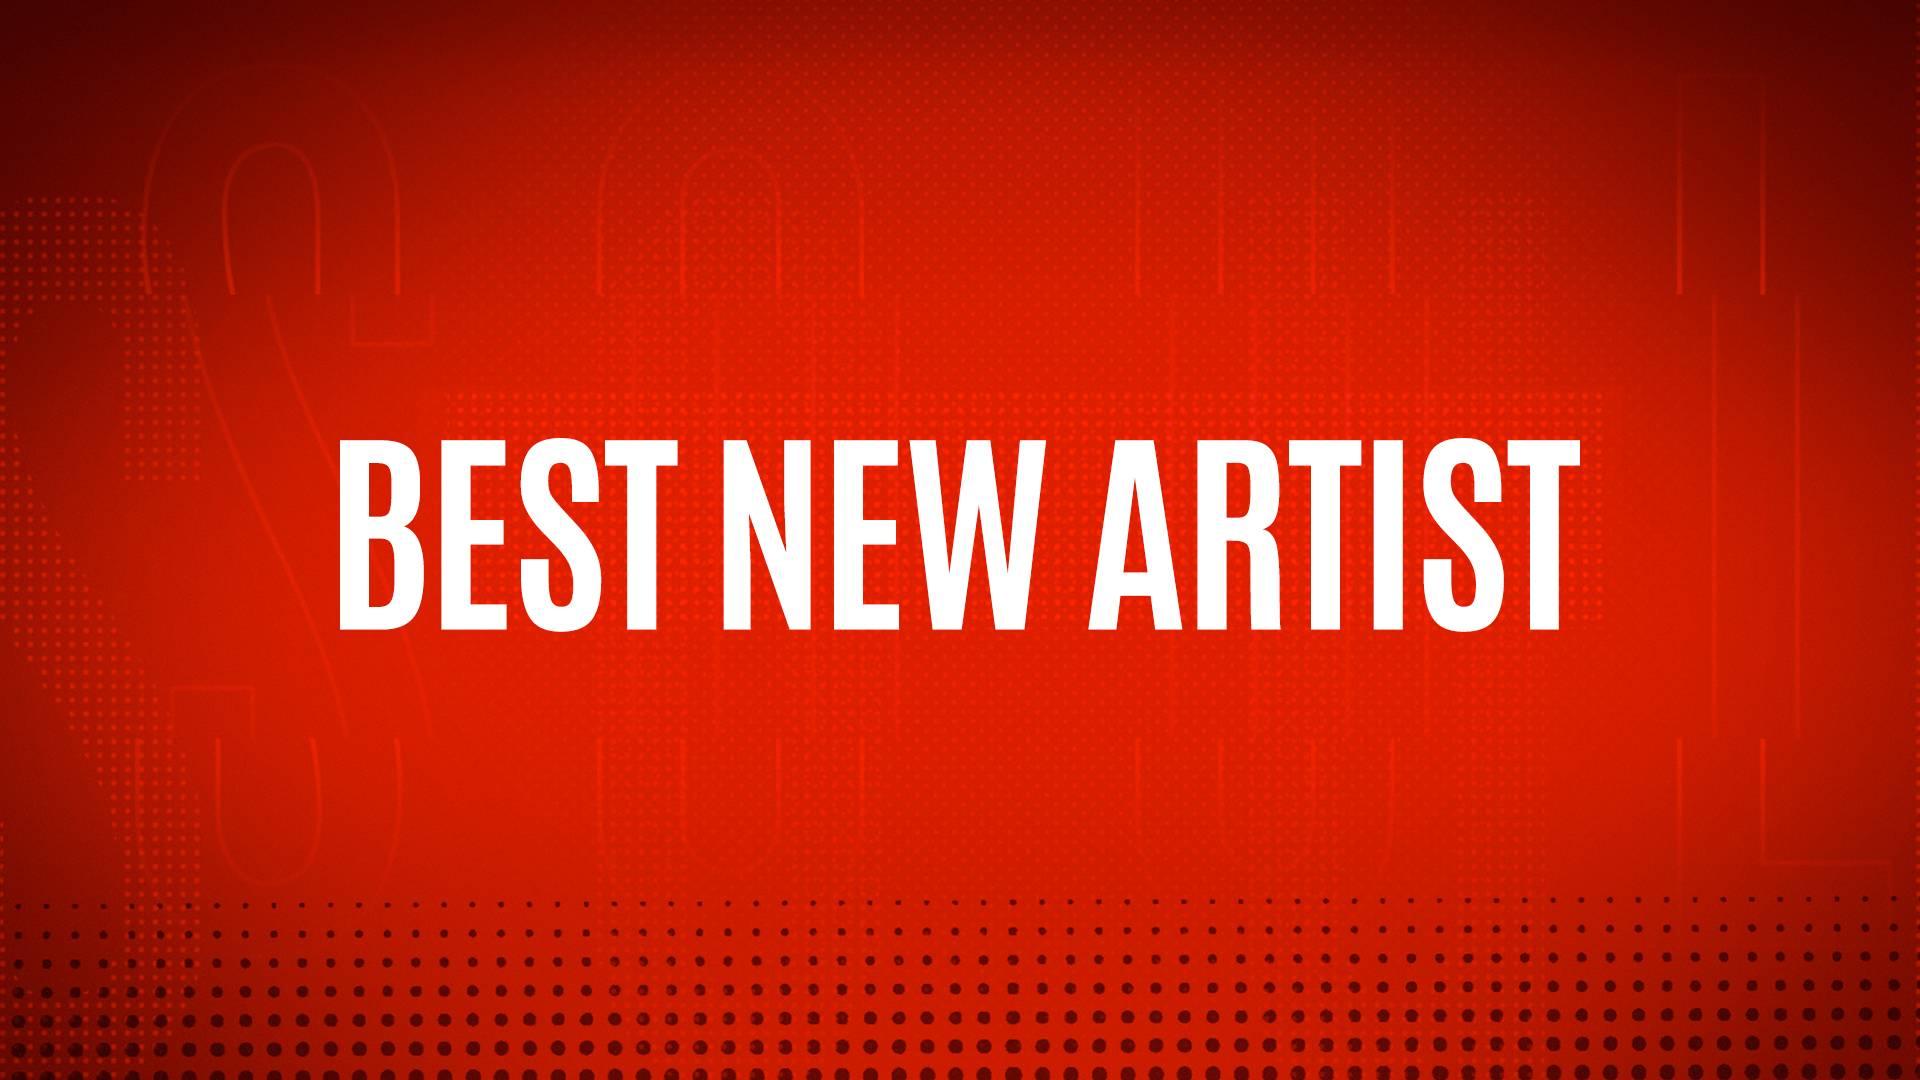 NOMINEES - BEST NEW ARTIST